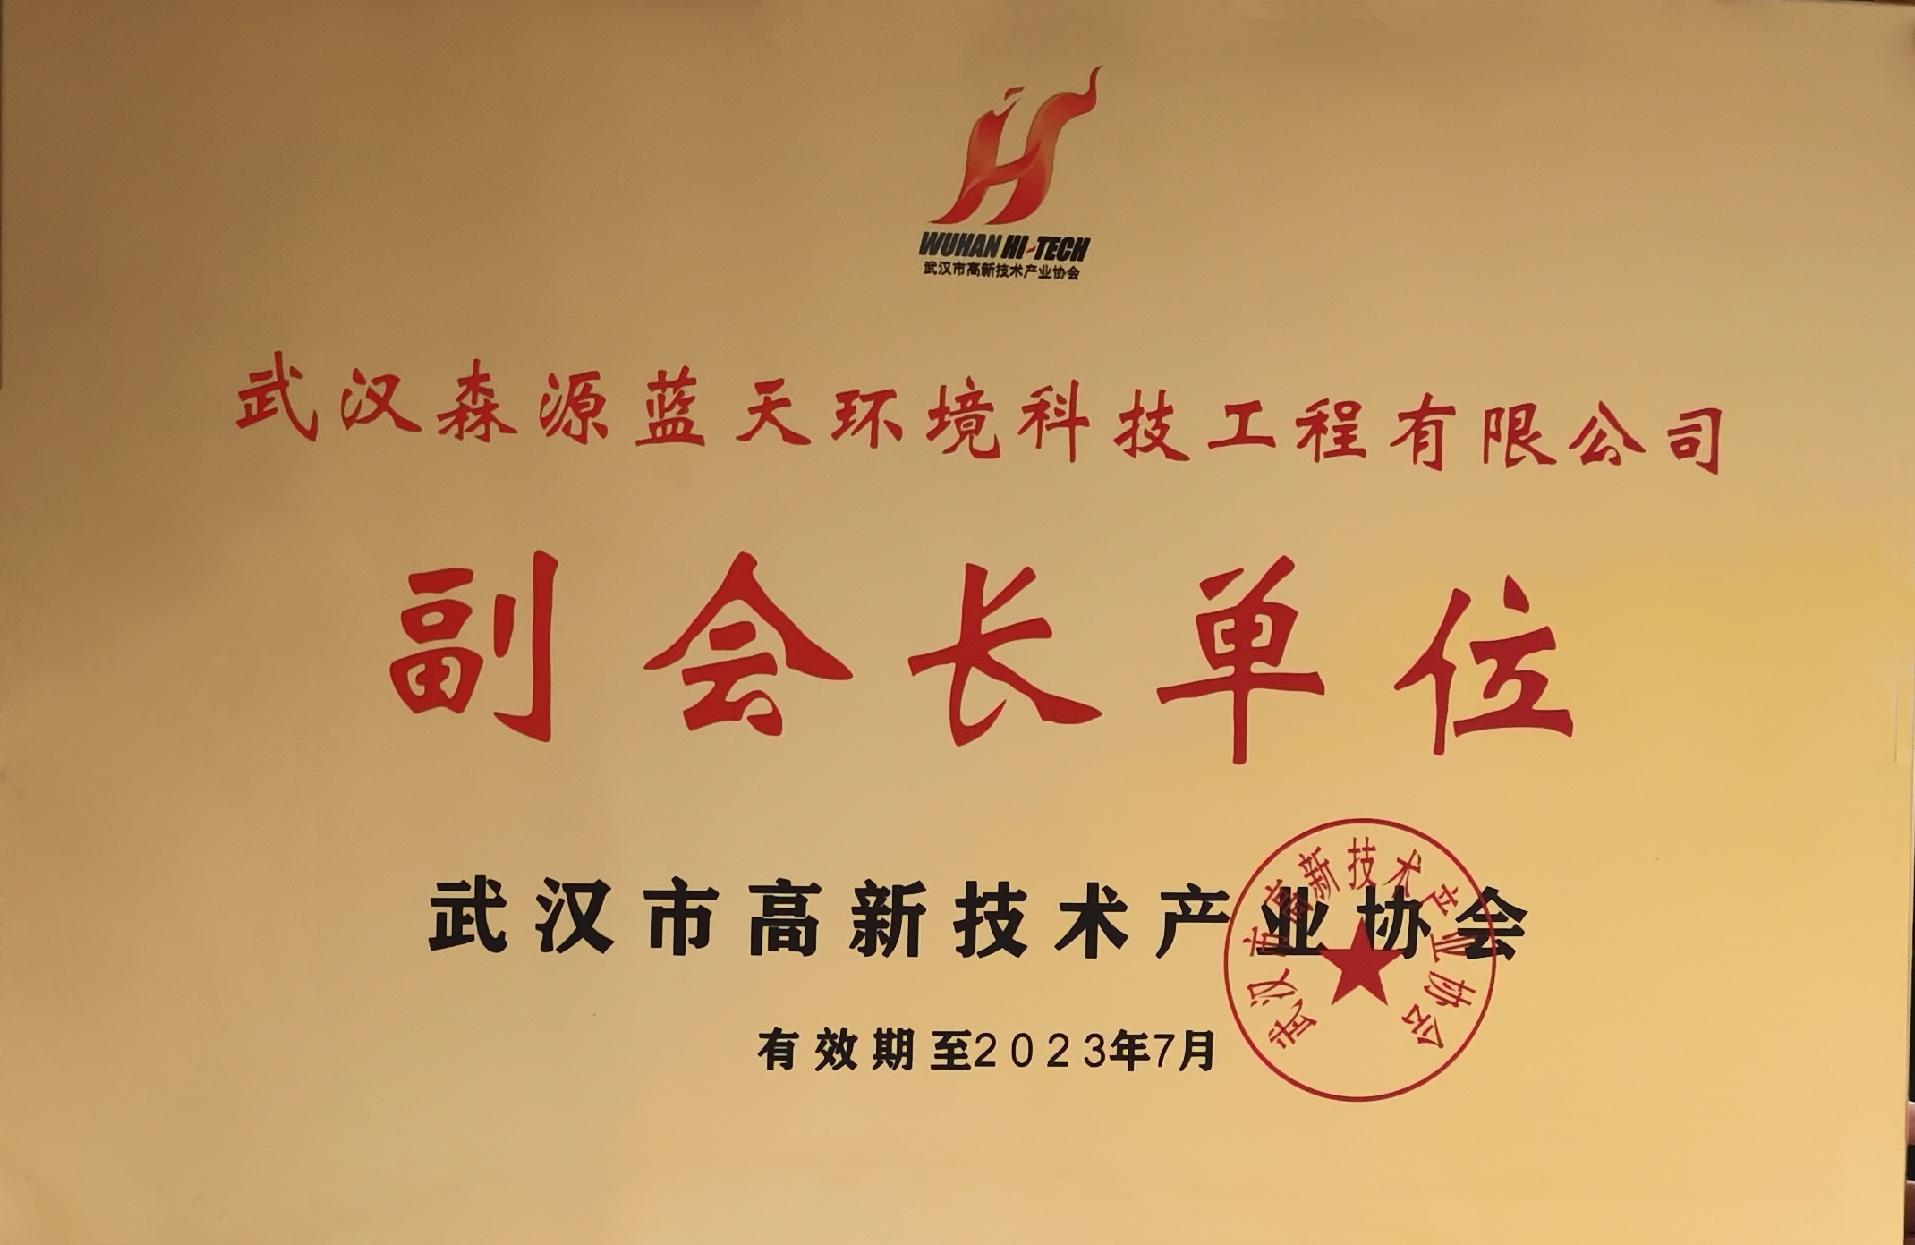 武漢市高新技術產業協會